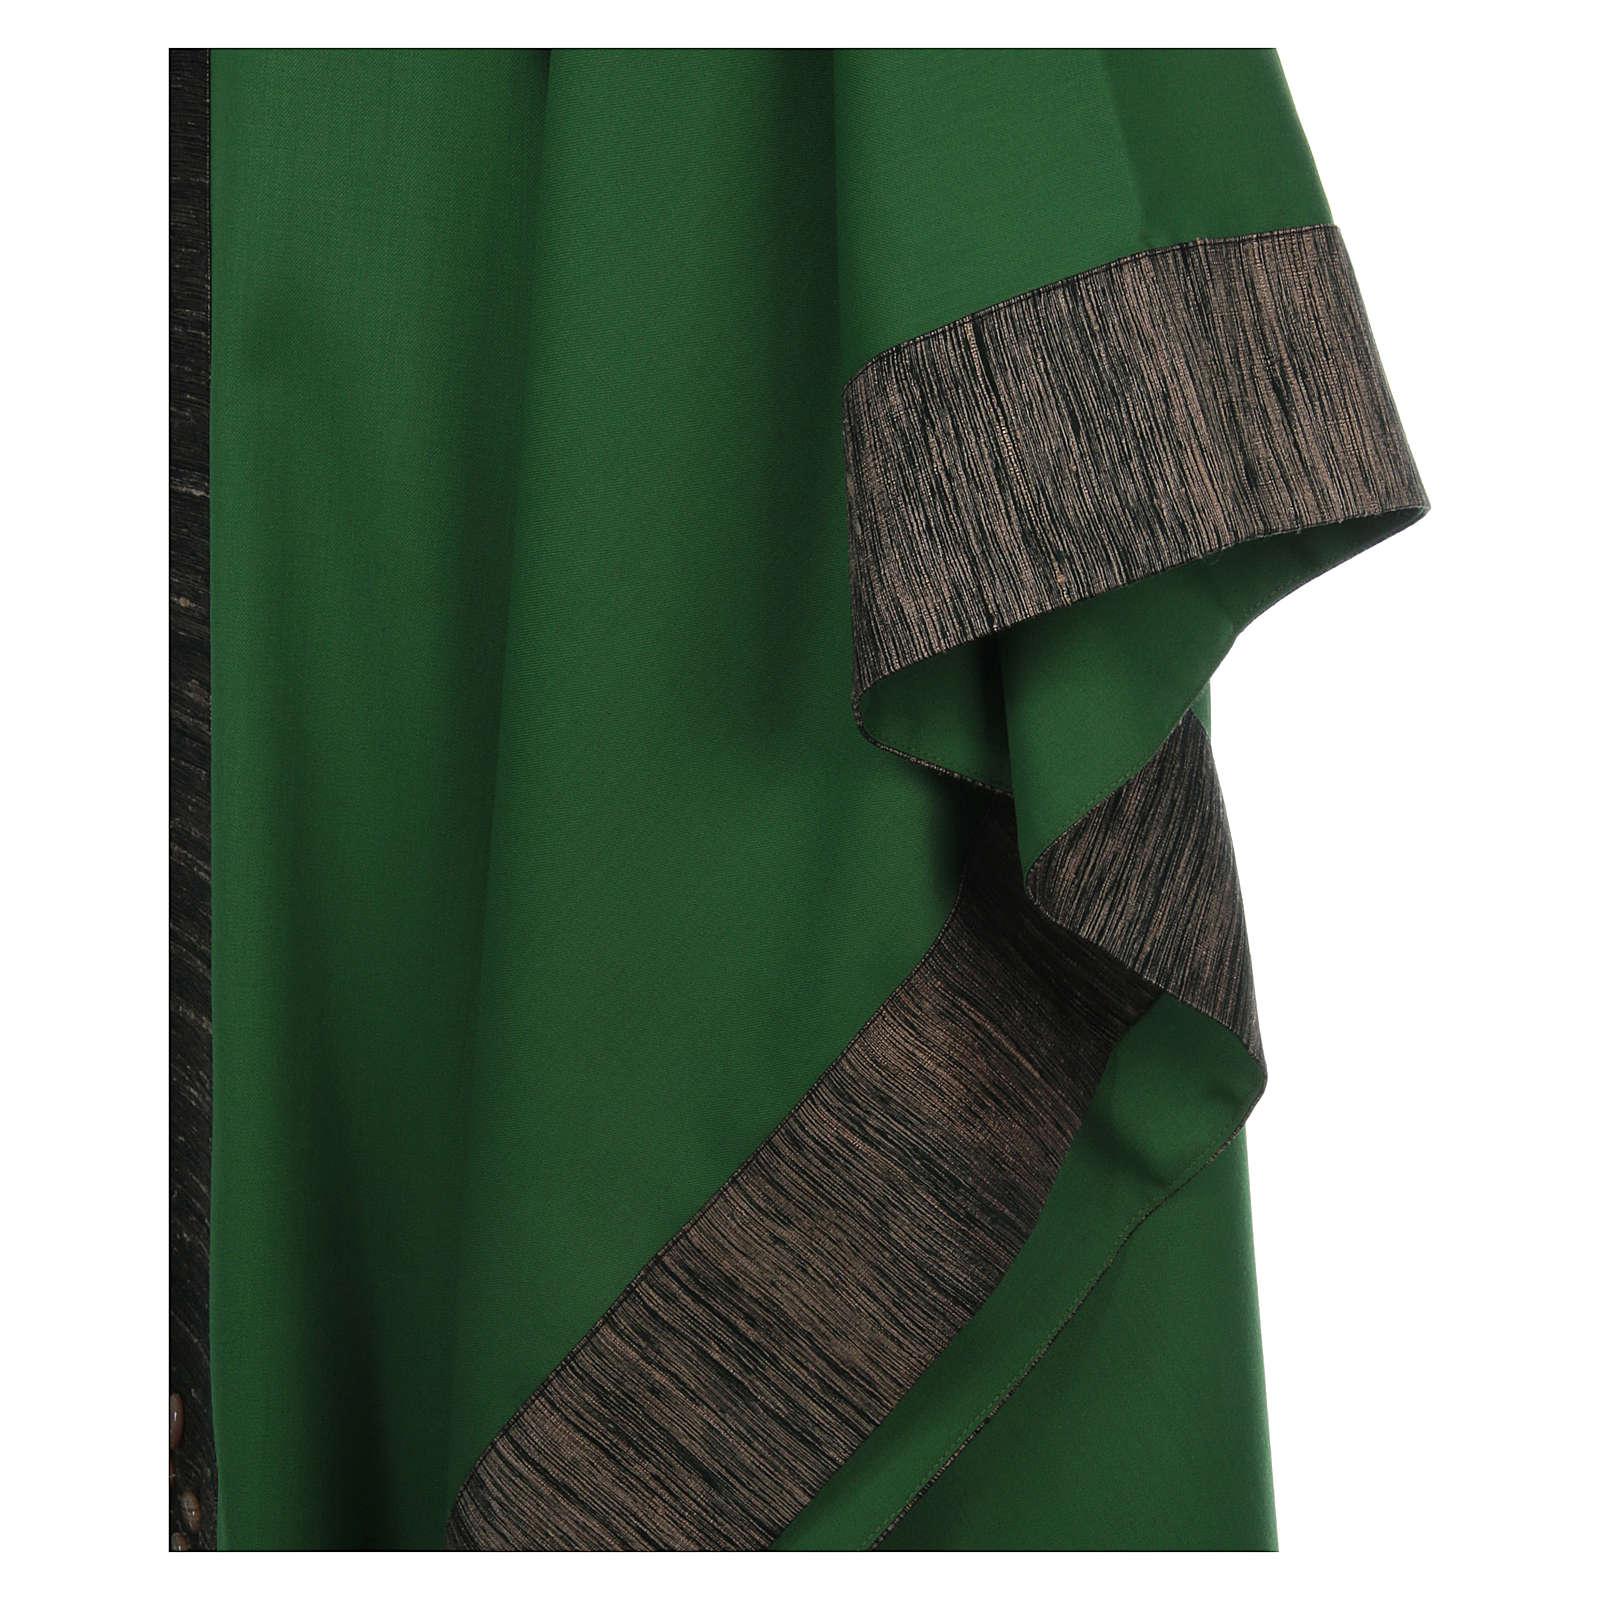 Casula 100% pura lana con riporto 100% pura seta 16 pietre di ag 4